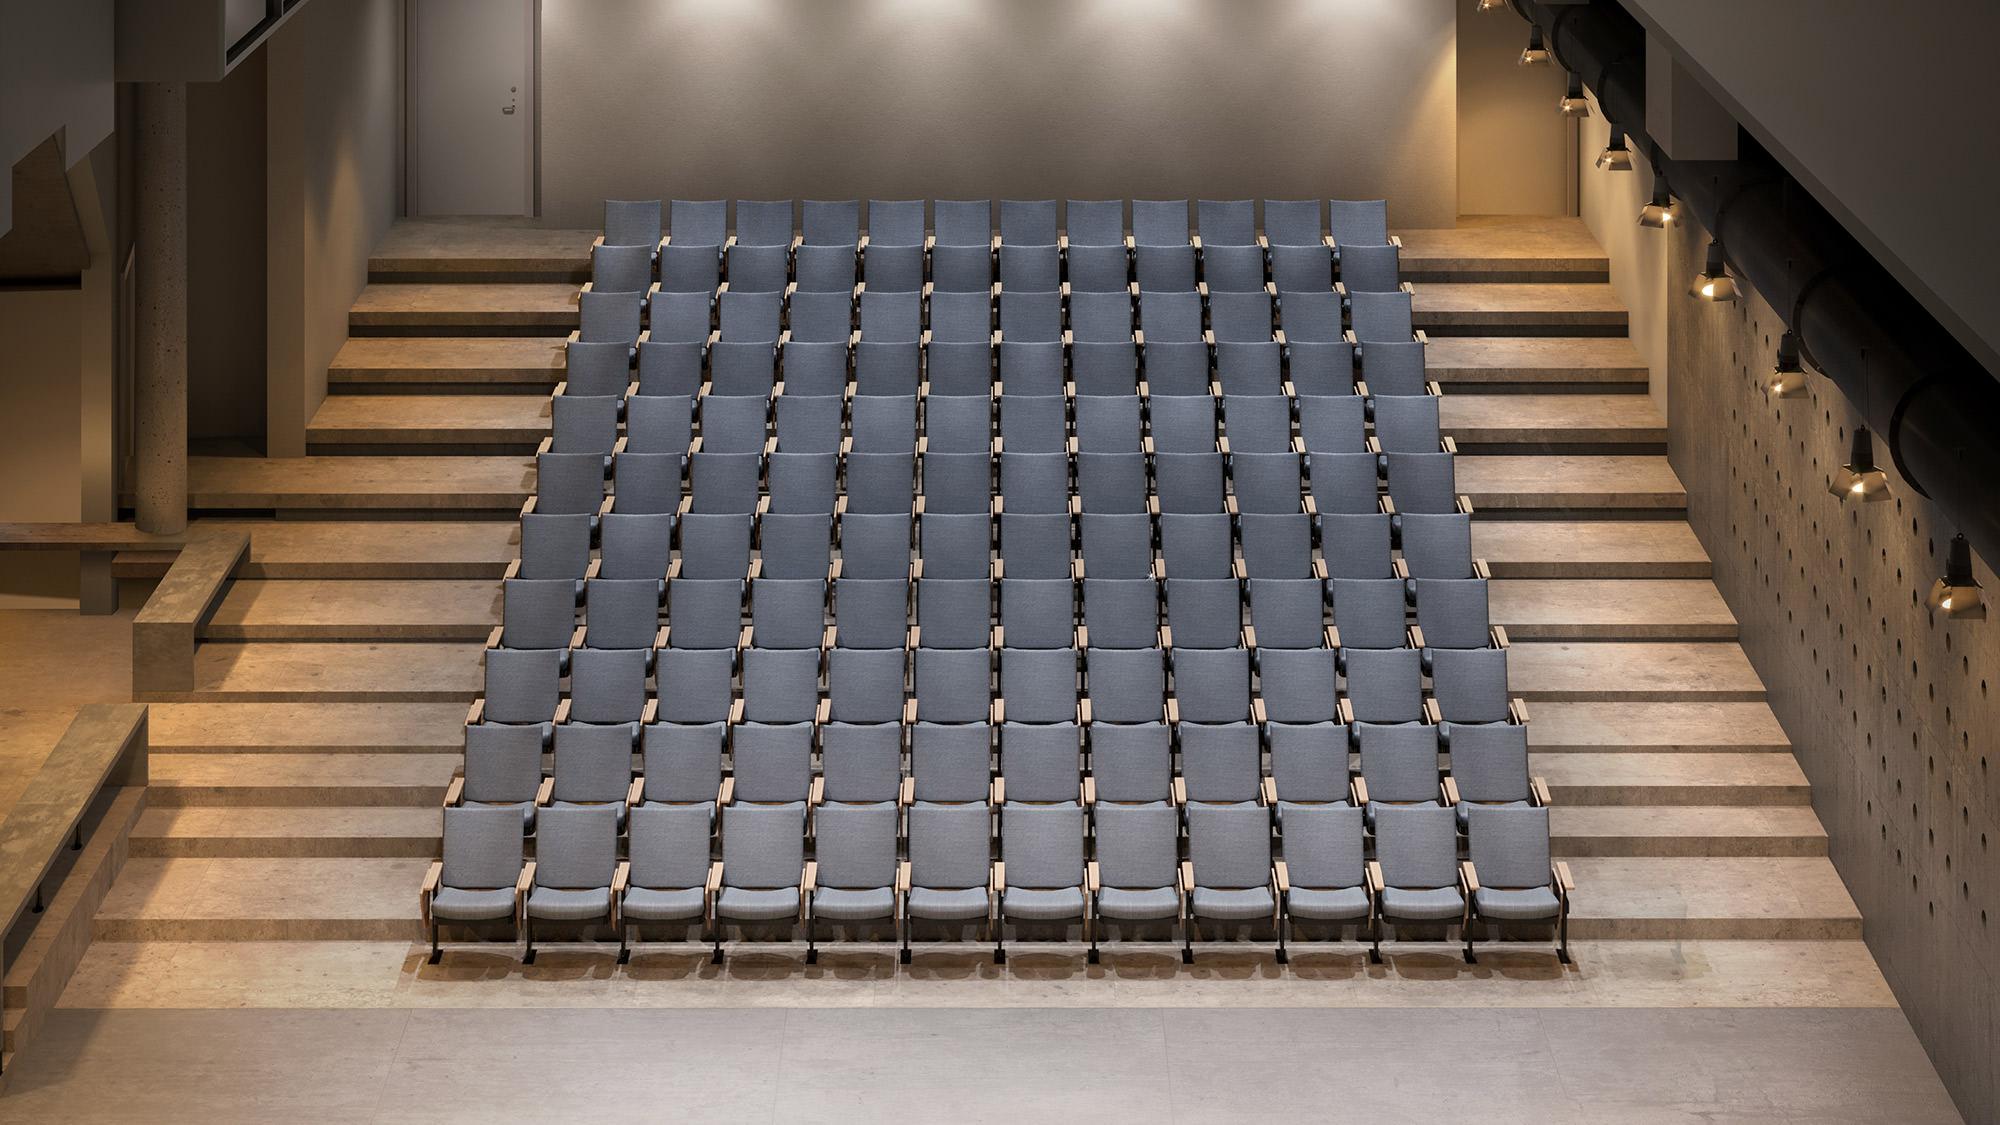 Arts Umbrella Theatre